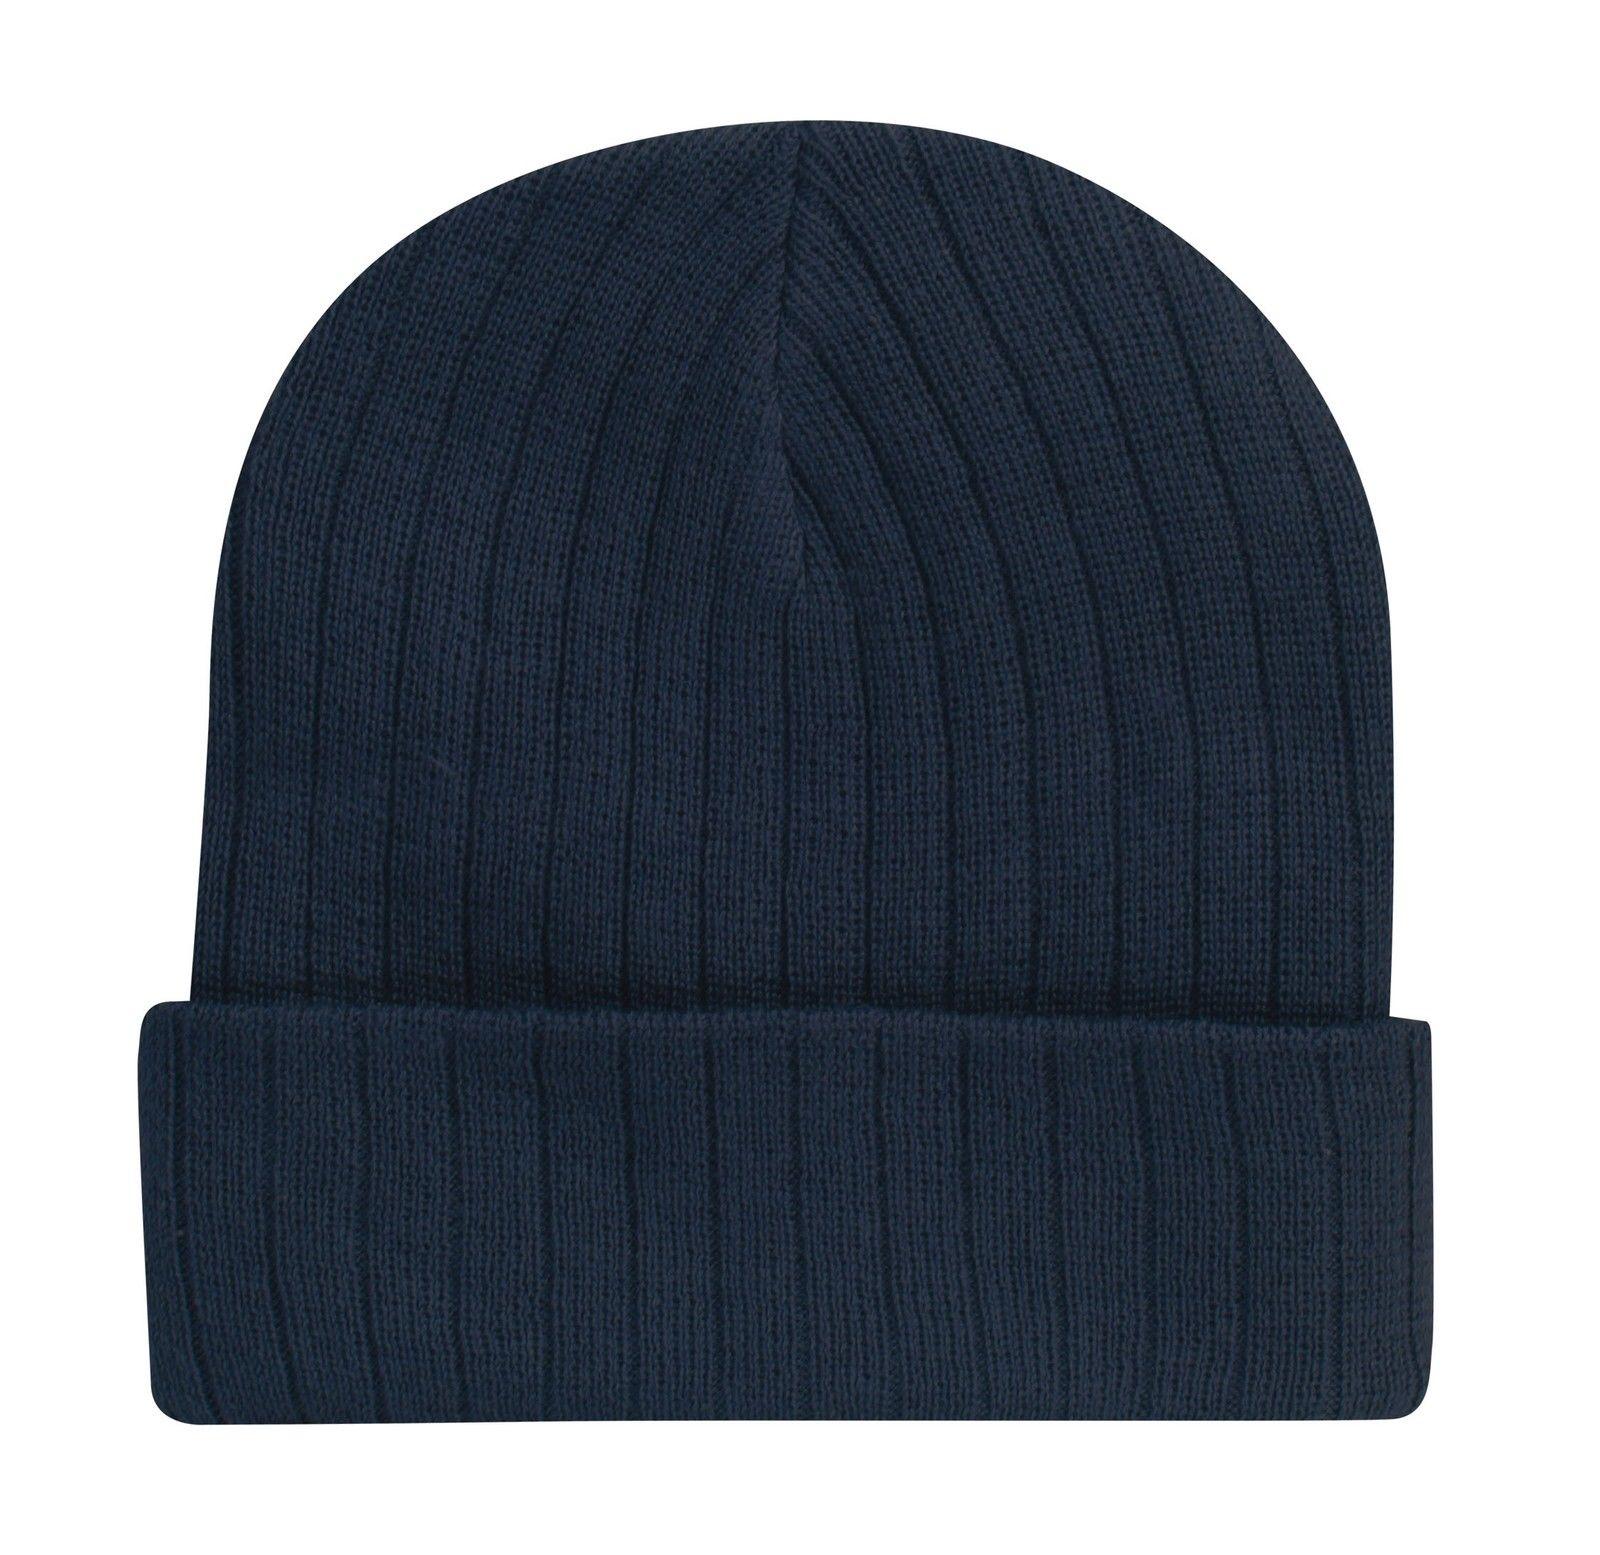 Cappello a coste Cotone Berretto bambini caldo Cotone Cappello ... 7a3b5bc0e460